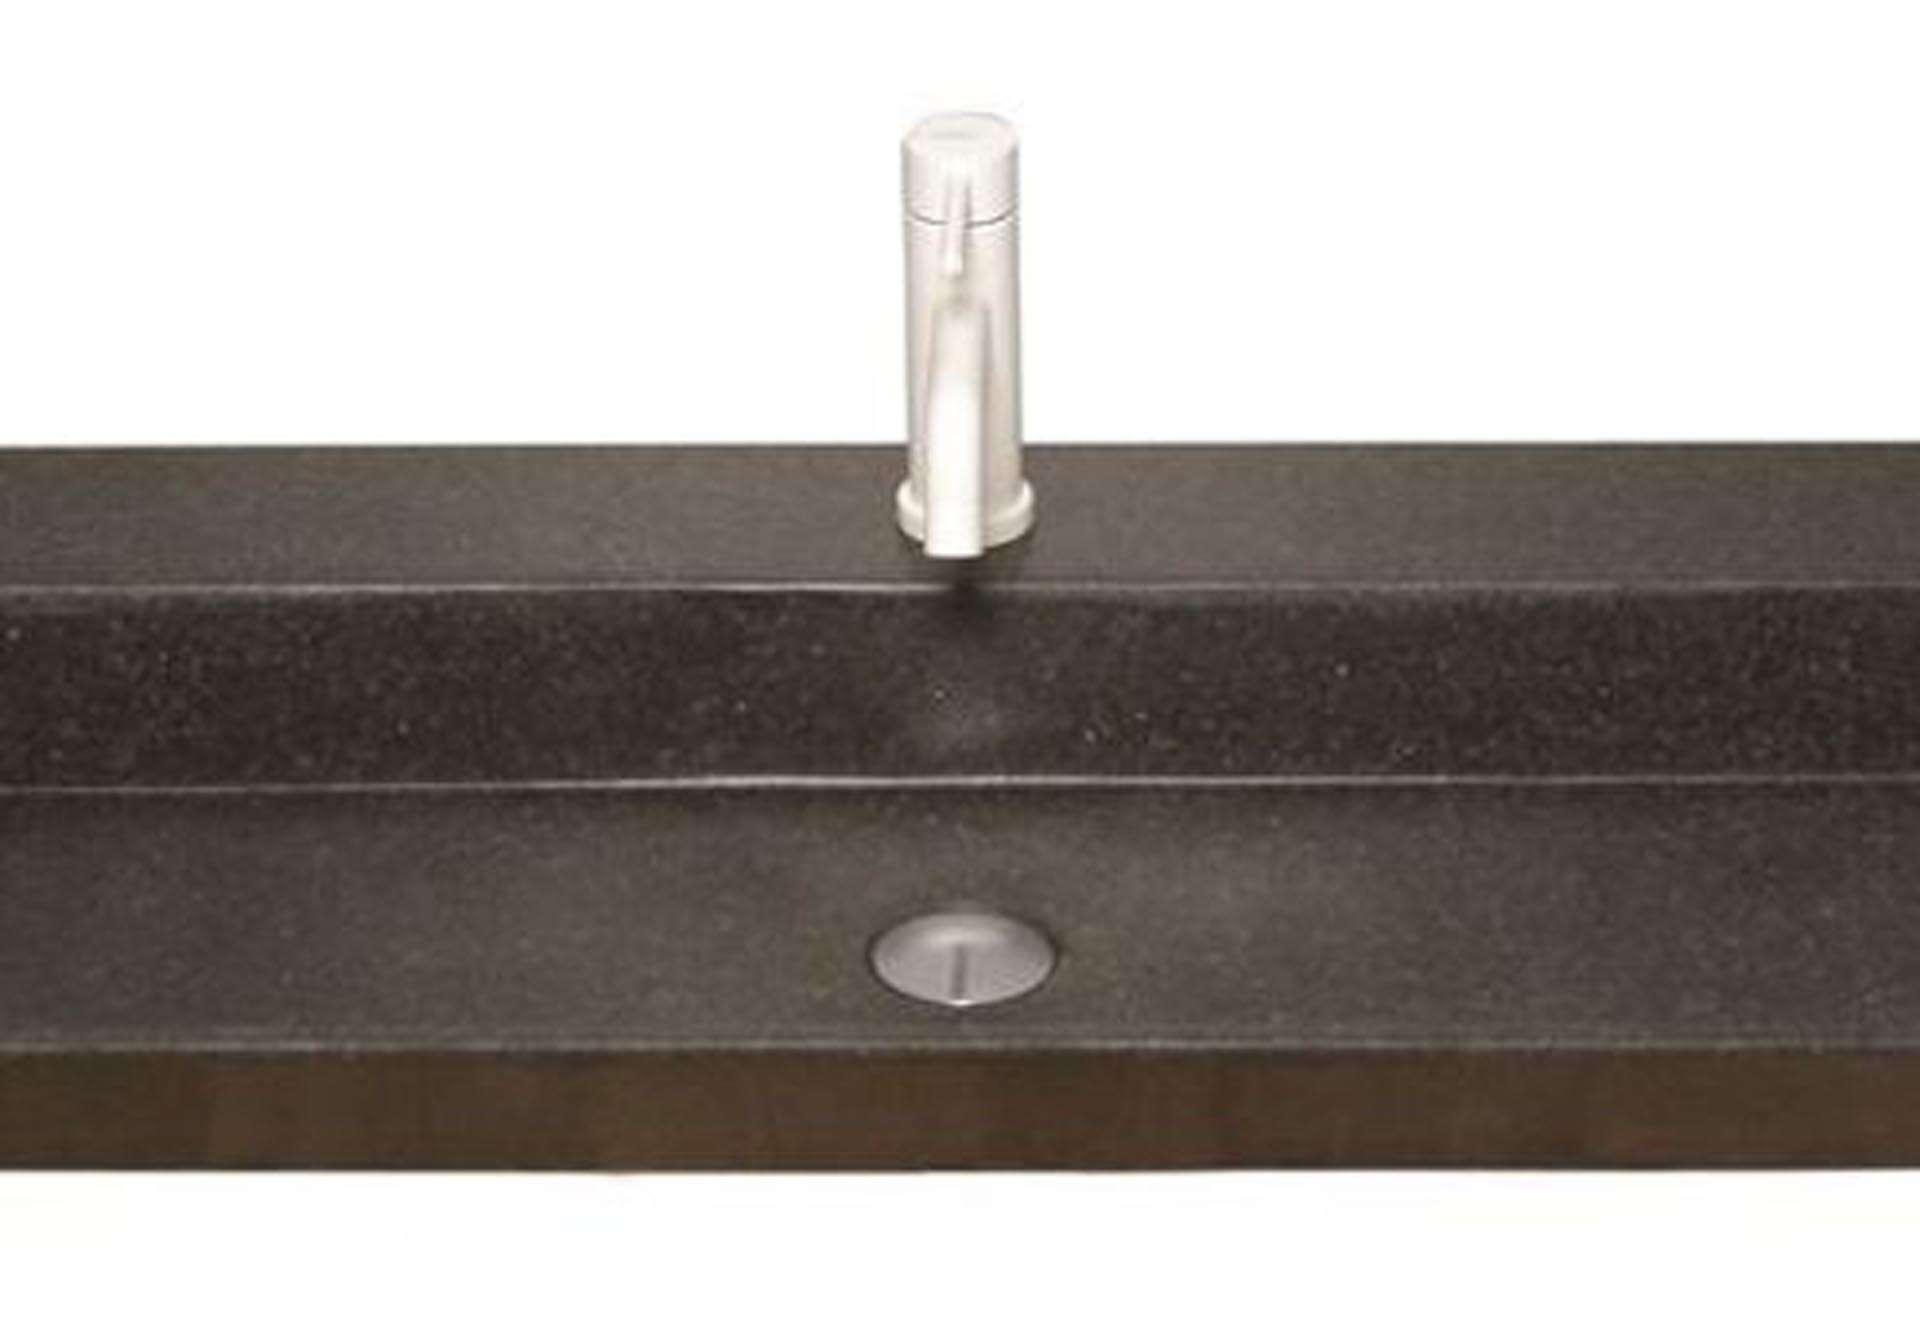 Eksklusiv designhåndvask fremstillet i massiv granit. Den sorte granit har en mat finish. En ægte stenvask i målene: 120,5 x 35,5 x 10 cm. Vasken er bearbejdet ud af et helt stykke granit - vi fræser ganske enkelt en håndvask ud af sten. Alle de afsluttende små detaljer er håndlavet. Med denne vask vil man få et stykke natur hjem i badeværelset. Det er kvalitet, som holder mange år ud i tiden. Vasken kan bruges som fritstående vask - da vasken er flad i bunden er den velegnet til at placere direkte på en bordplade. Vasken er hensynsmæssigt designet med fine rundinger, som både giver vasken et eksklusivt udtryk og gør den rengøringsvenlig. Vasken vedligeholdes med voks - vi anbefaler en behandling med vores egen naturvoks ID12002 et par gange om året for at opnå optimalt look.